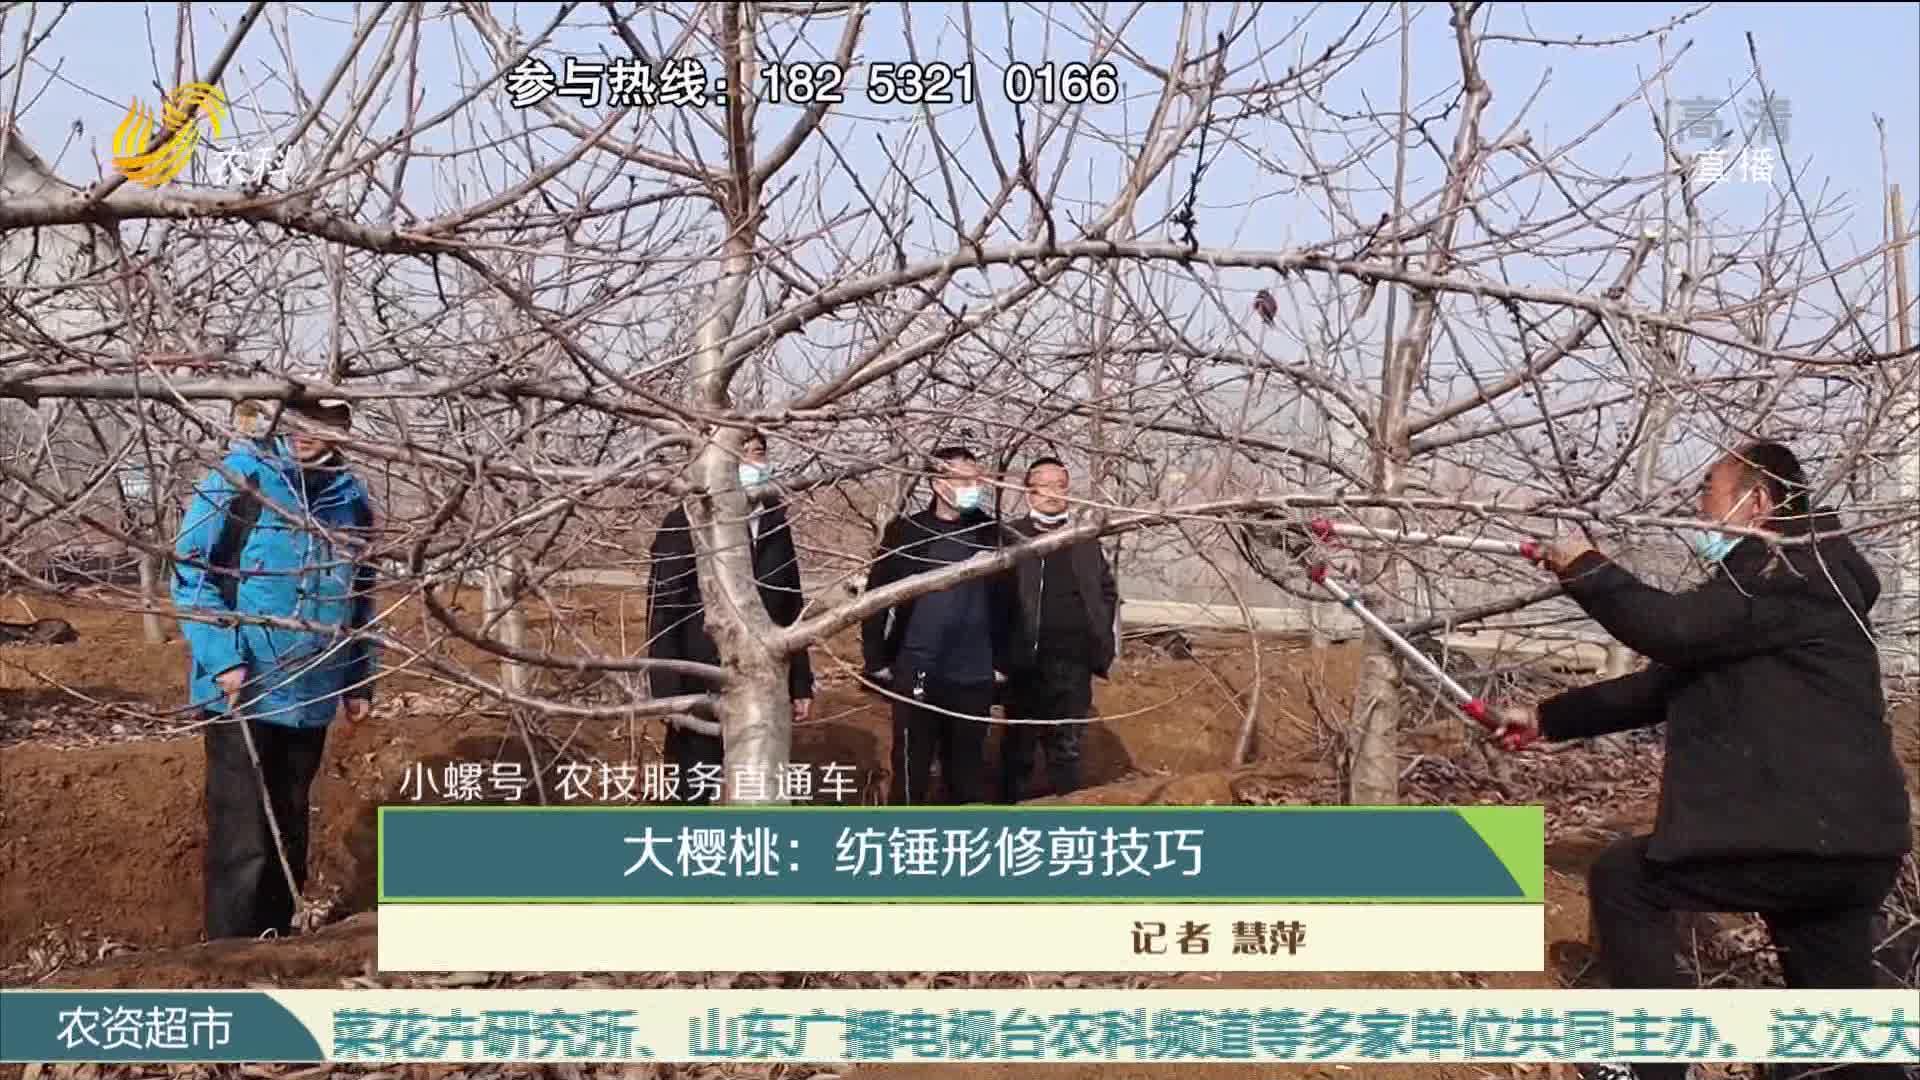 【小螺号·农技办事直通车】大樱桃:纺锤形修剪技巧